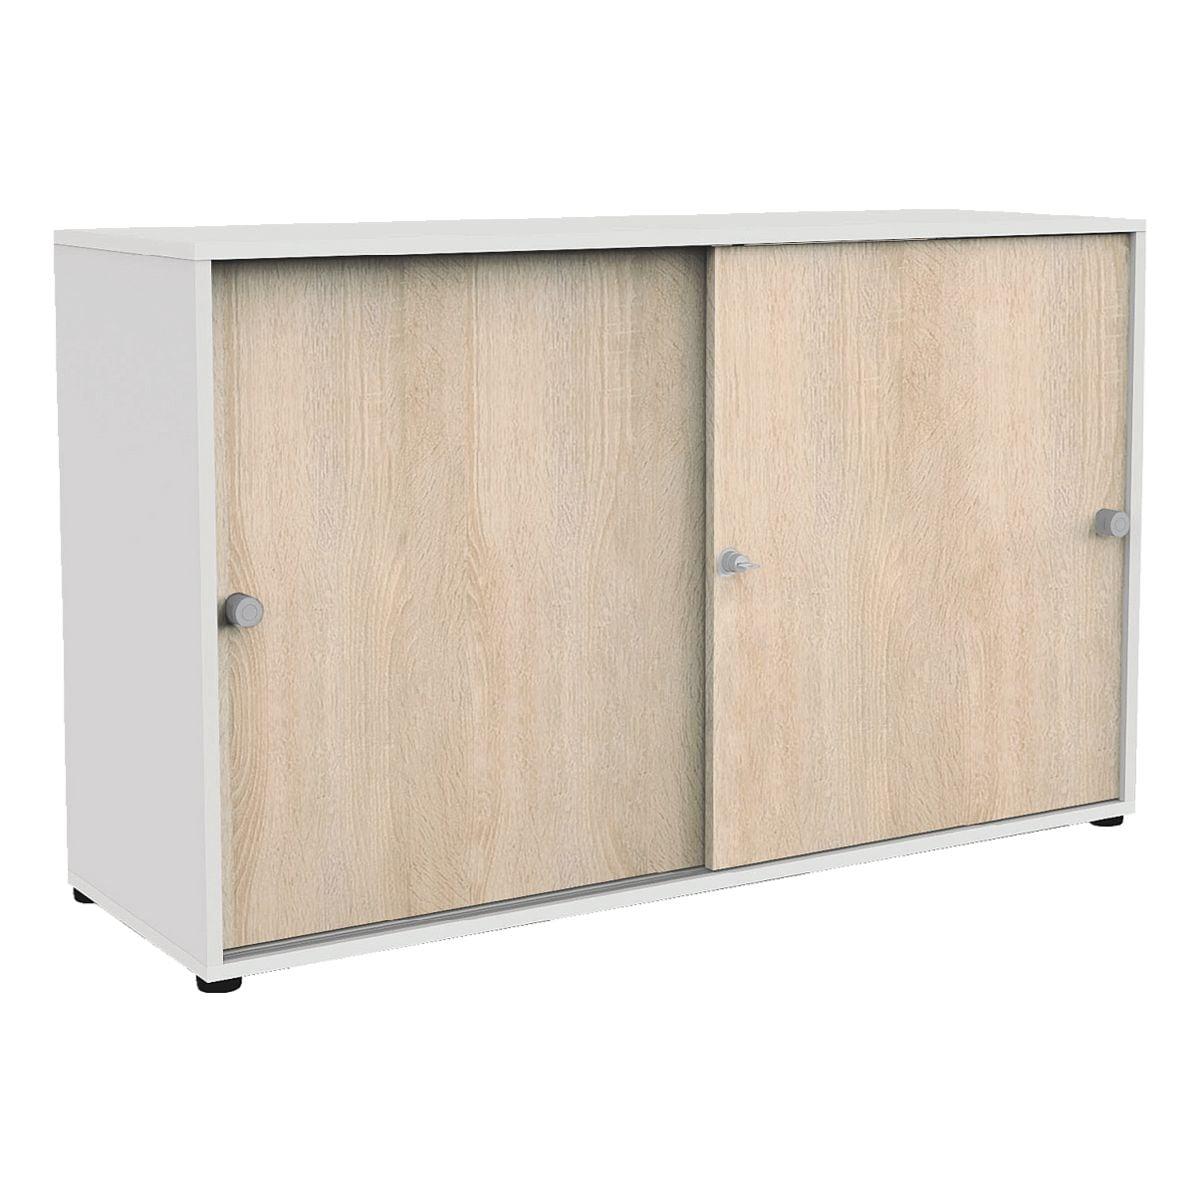 wellem bel schiebet renschrank faceline iii 120 cm. Black Bedroom Furniture Sets. Home Design Ideas